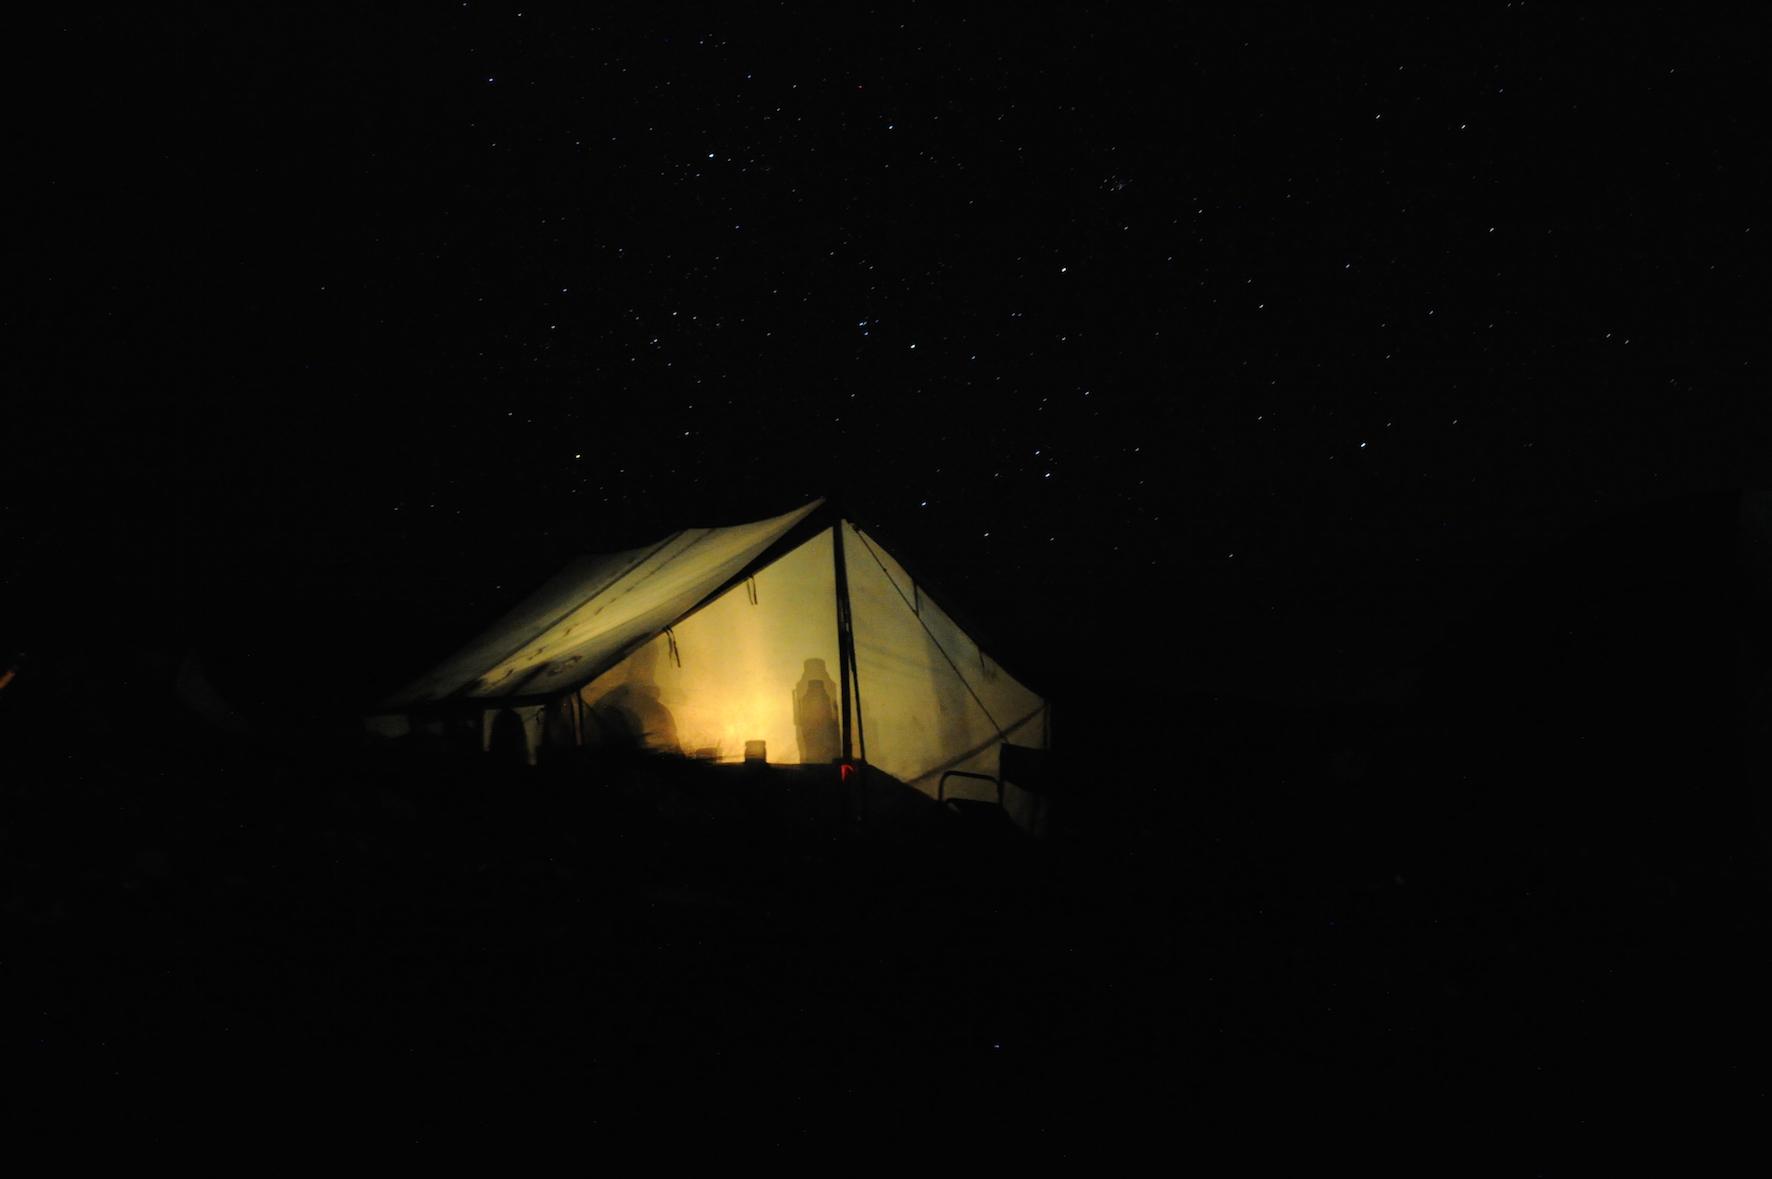 kilimanjaro-talt-natt-fint